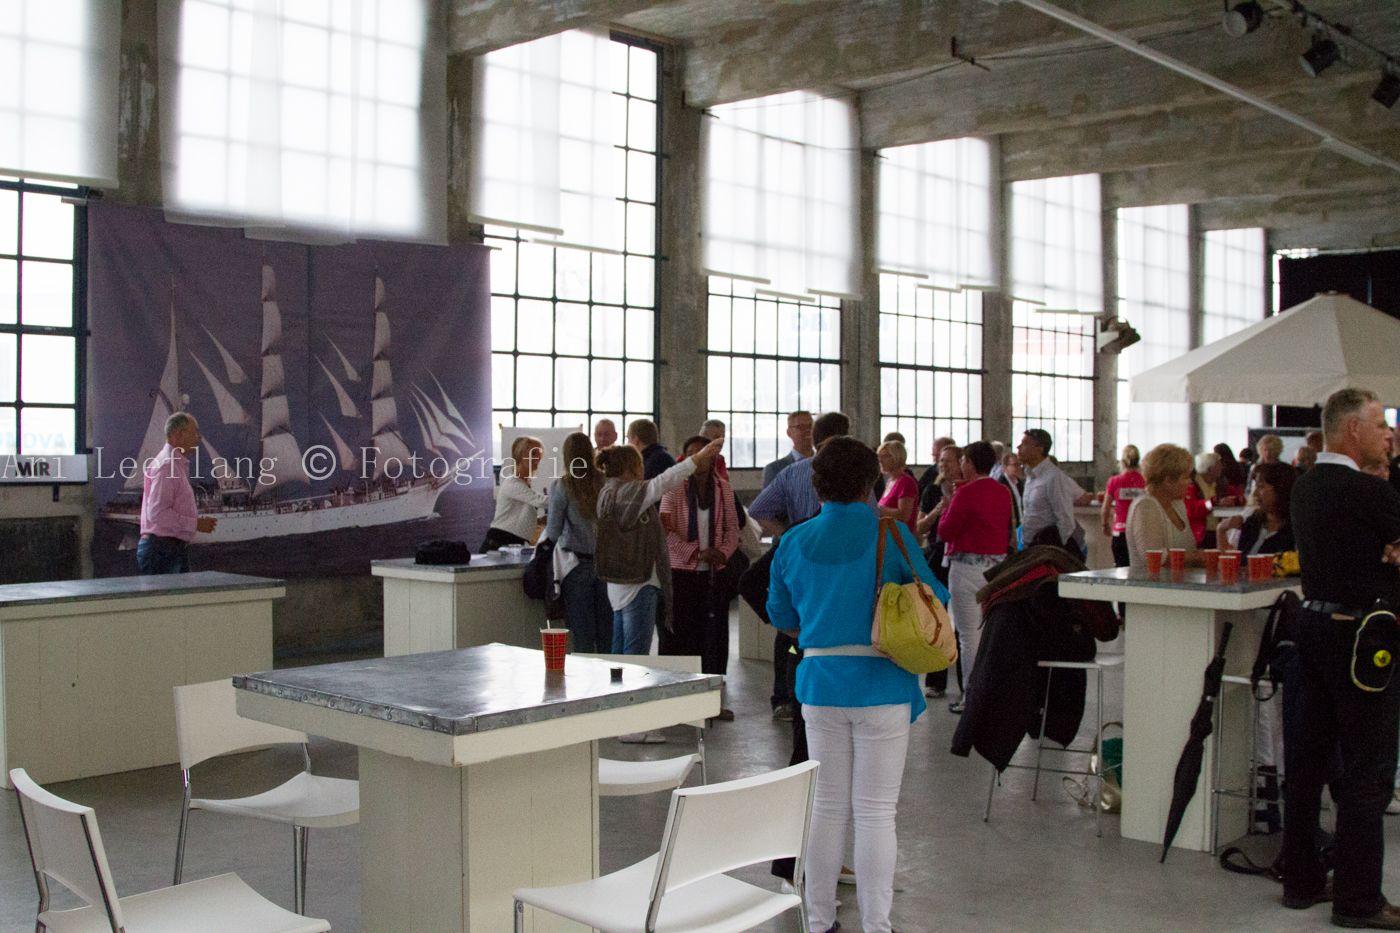 # Sail de Ruyter Vlissingen2013#Timmerfabriek#Ari Leeflang